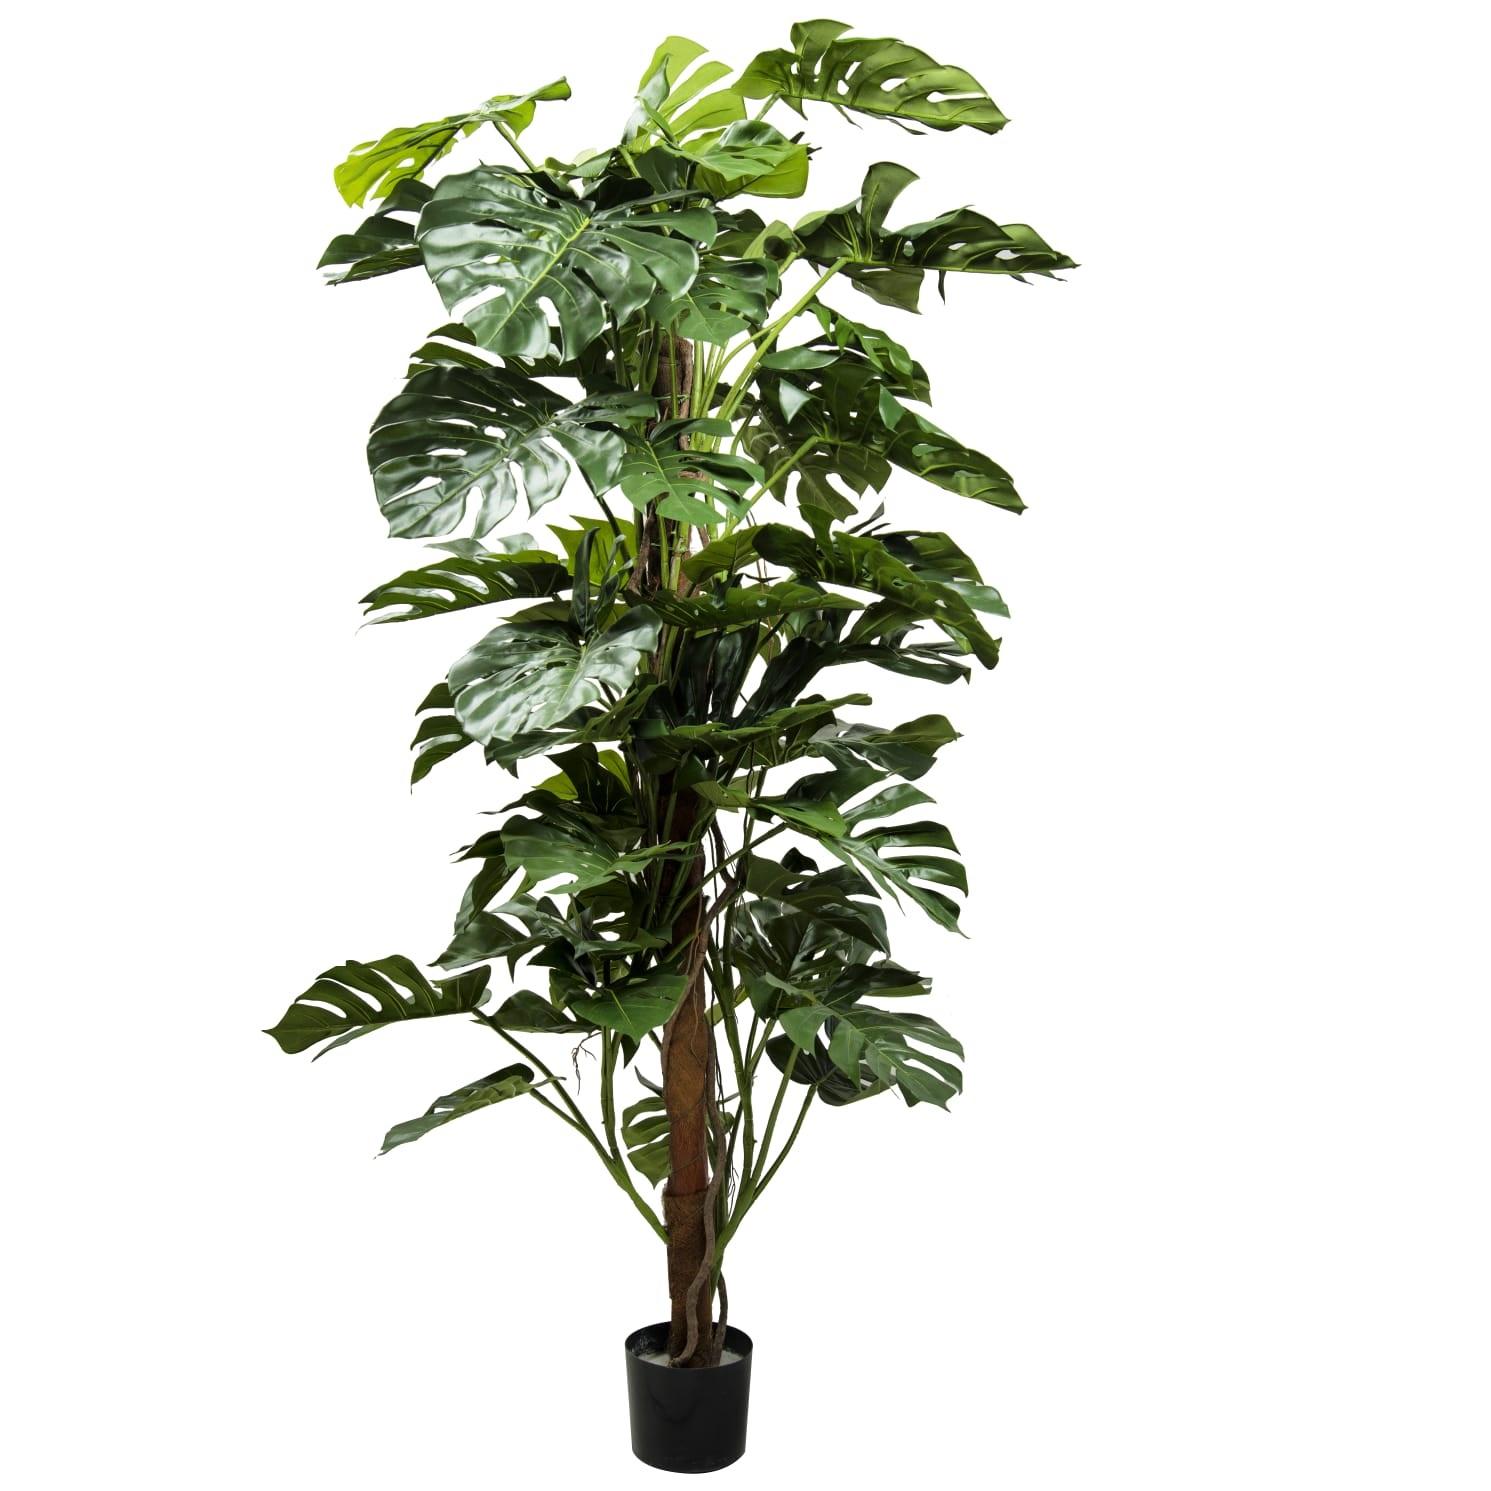 شجرة اسبليت فيلو اون بولو - صغير نباتات اصطناعية